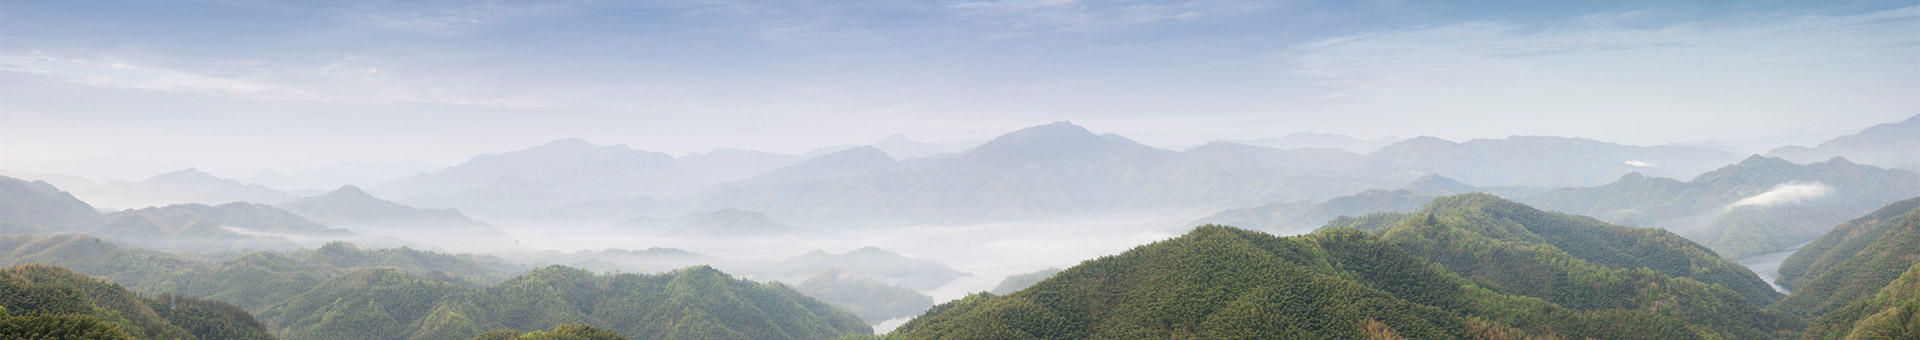 人才招聘_深圳市三绿园林实业有限公司